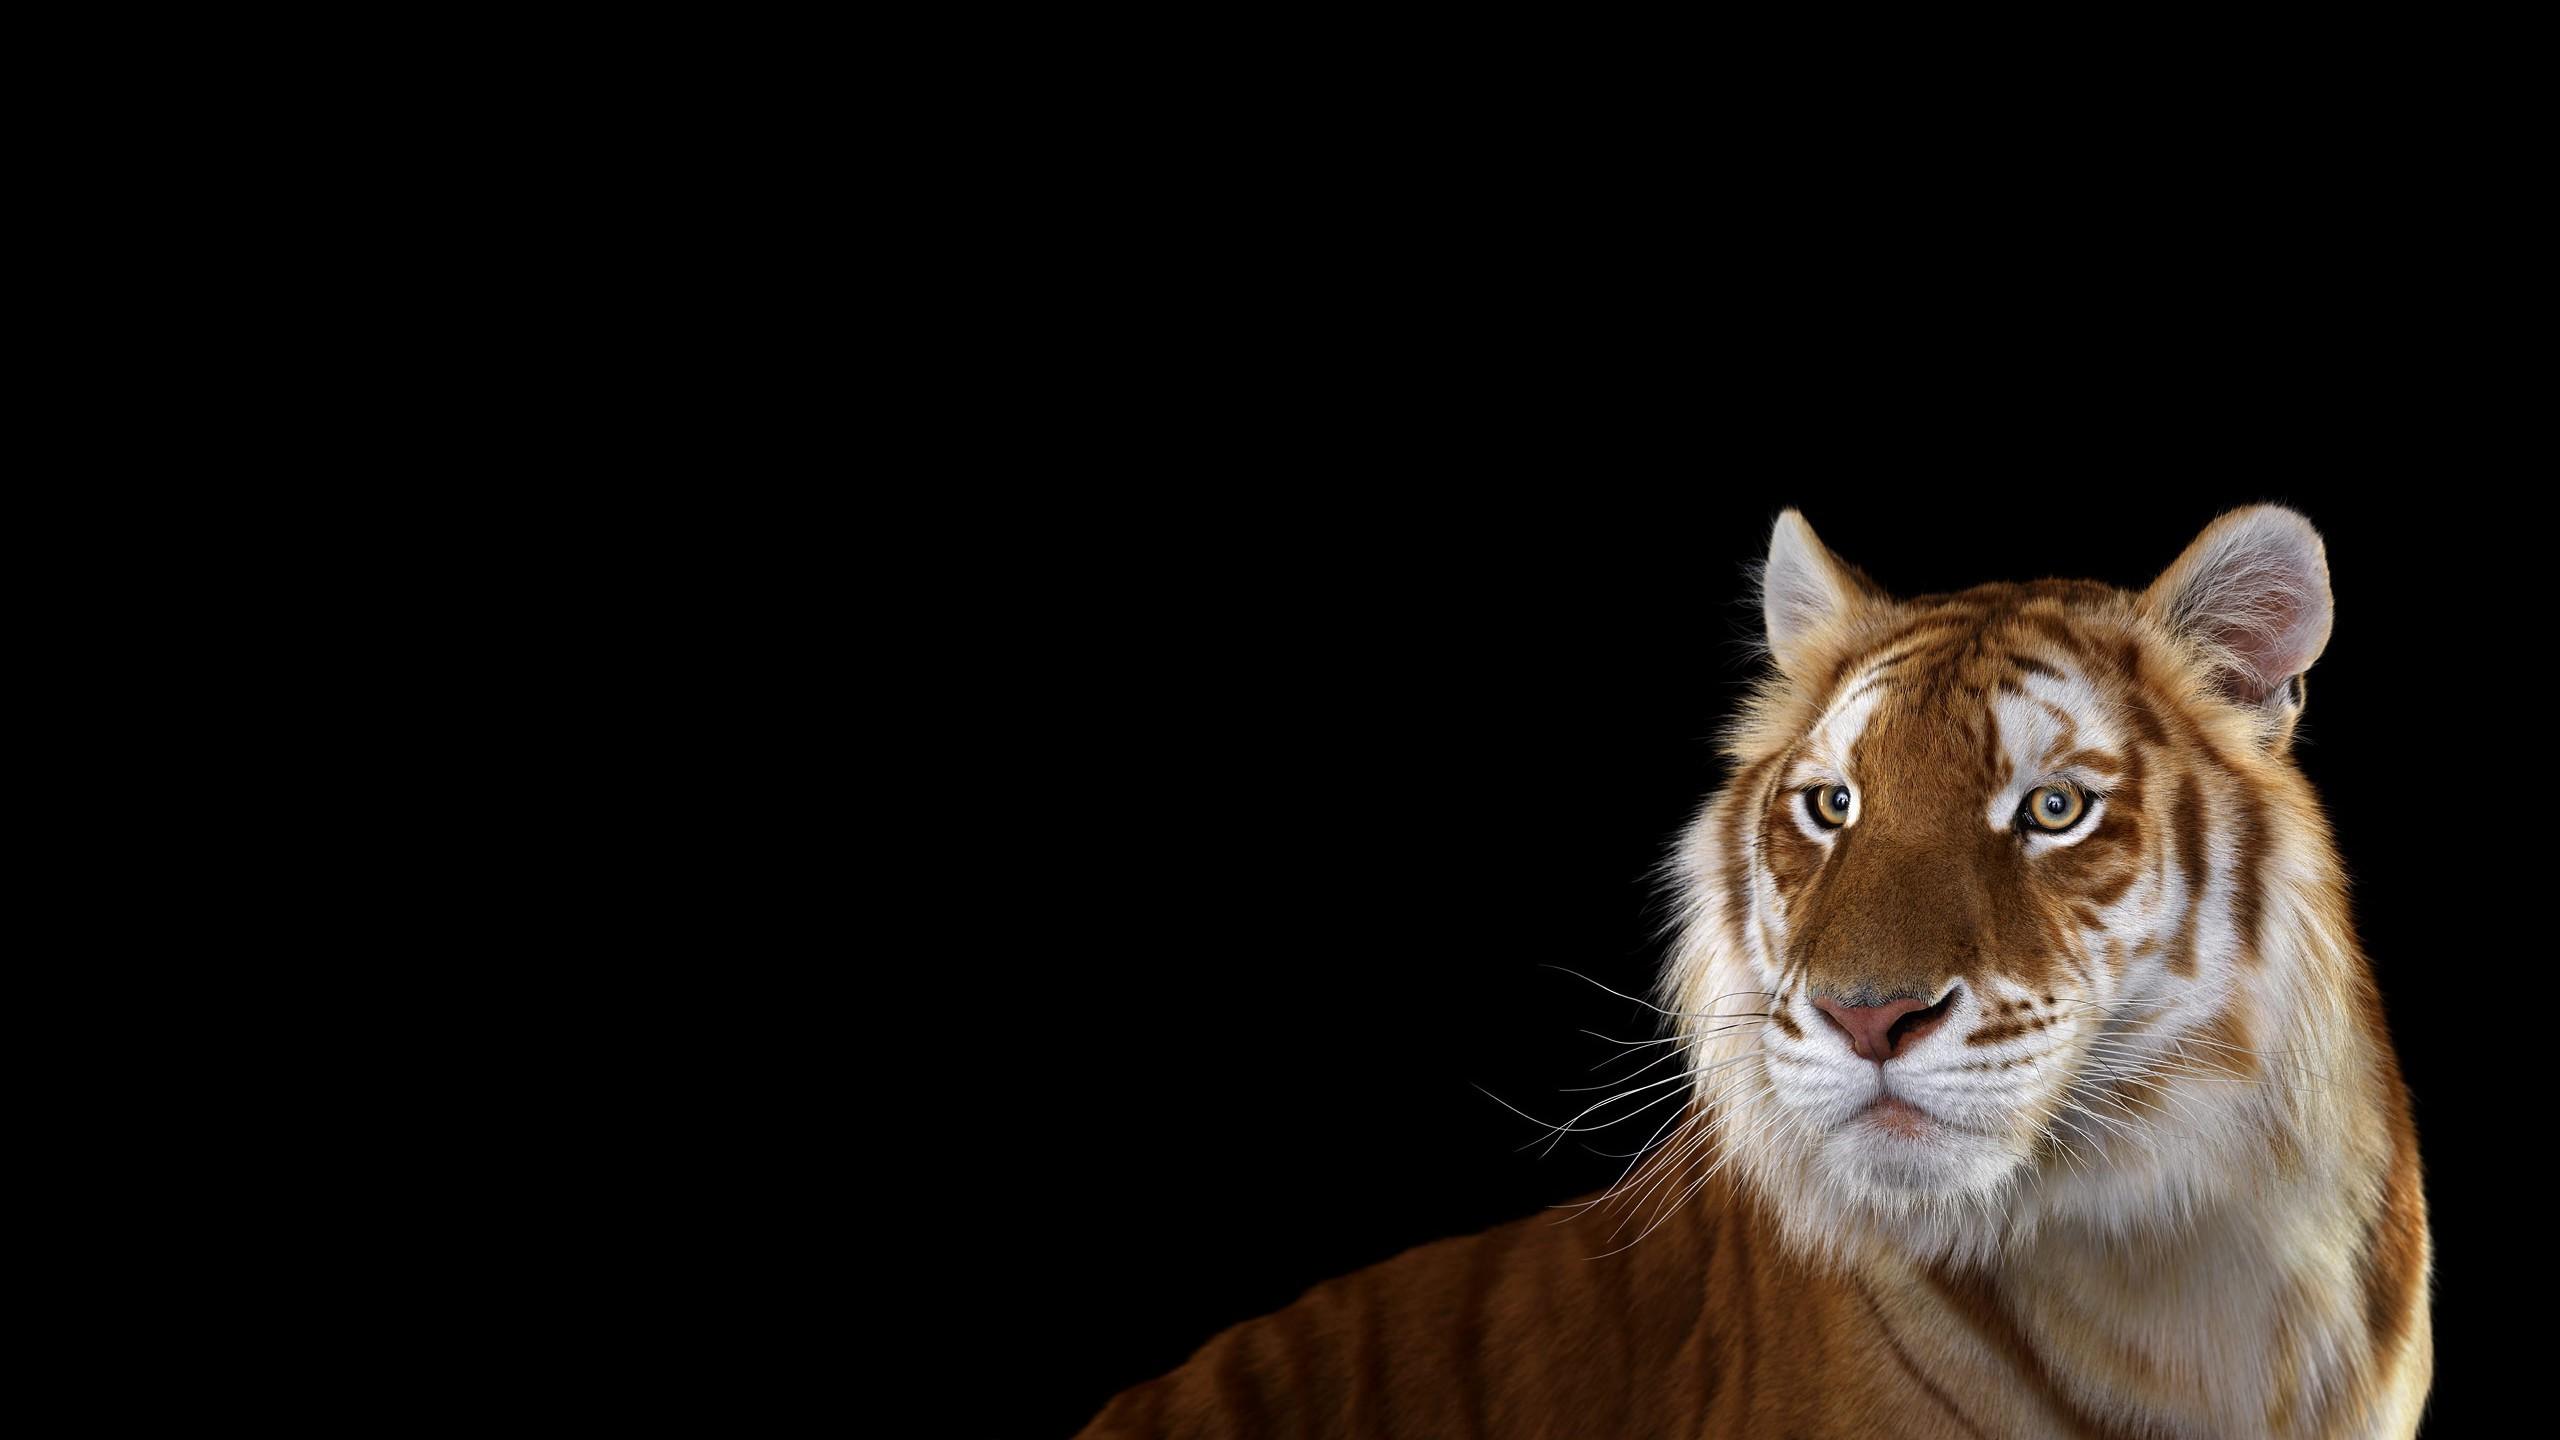 Fond Décran Chat Fond Simple La Photographie Tigre